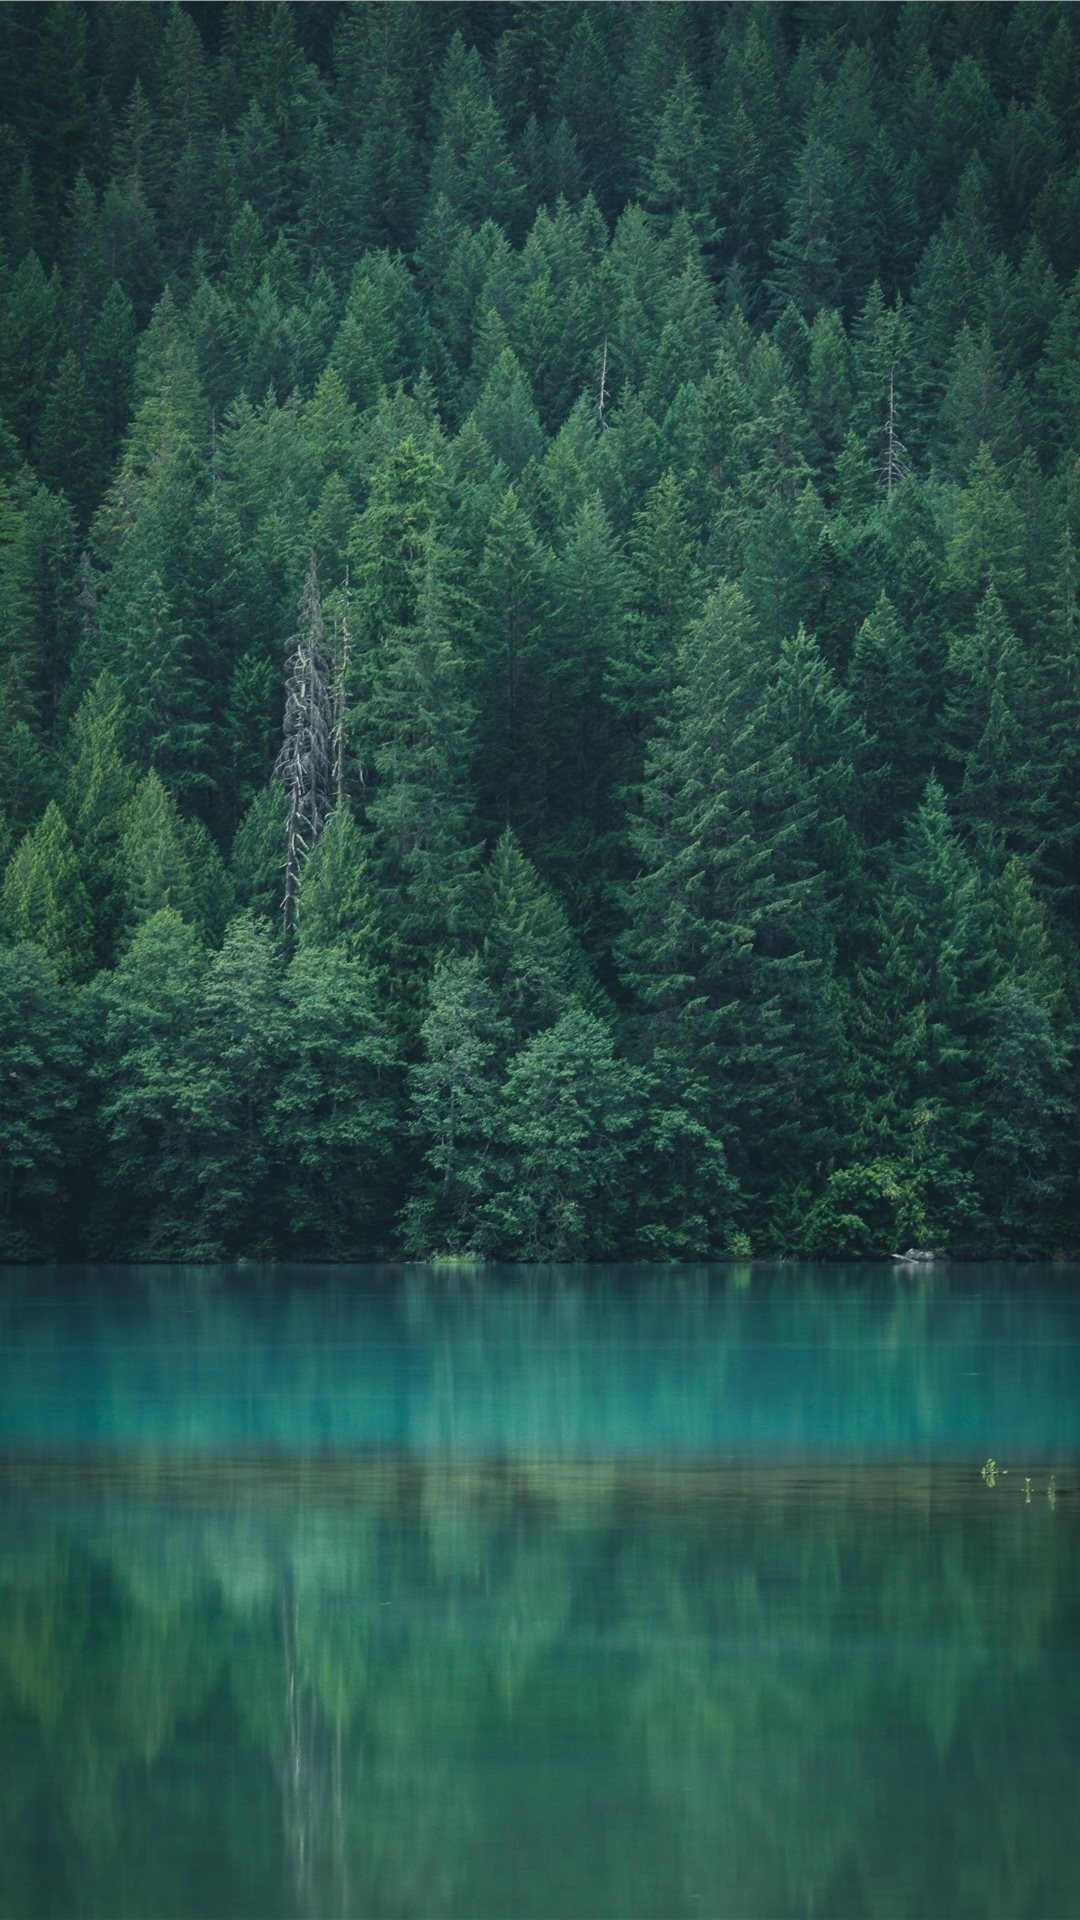 Forest screensaver wallpaper